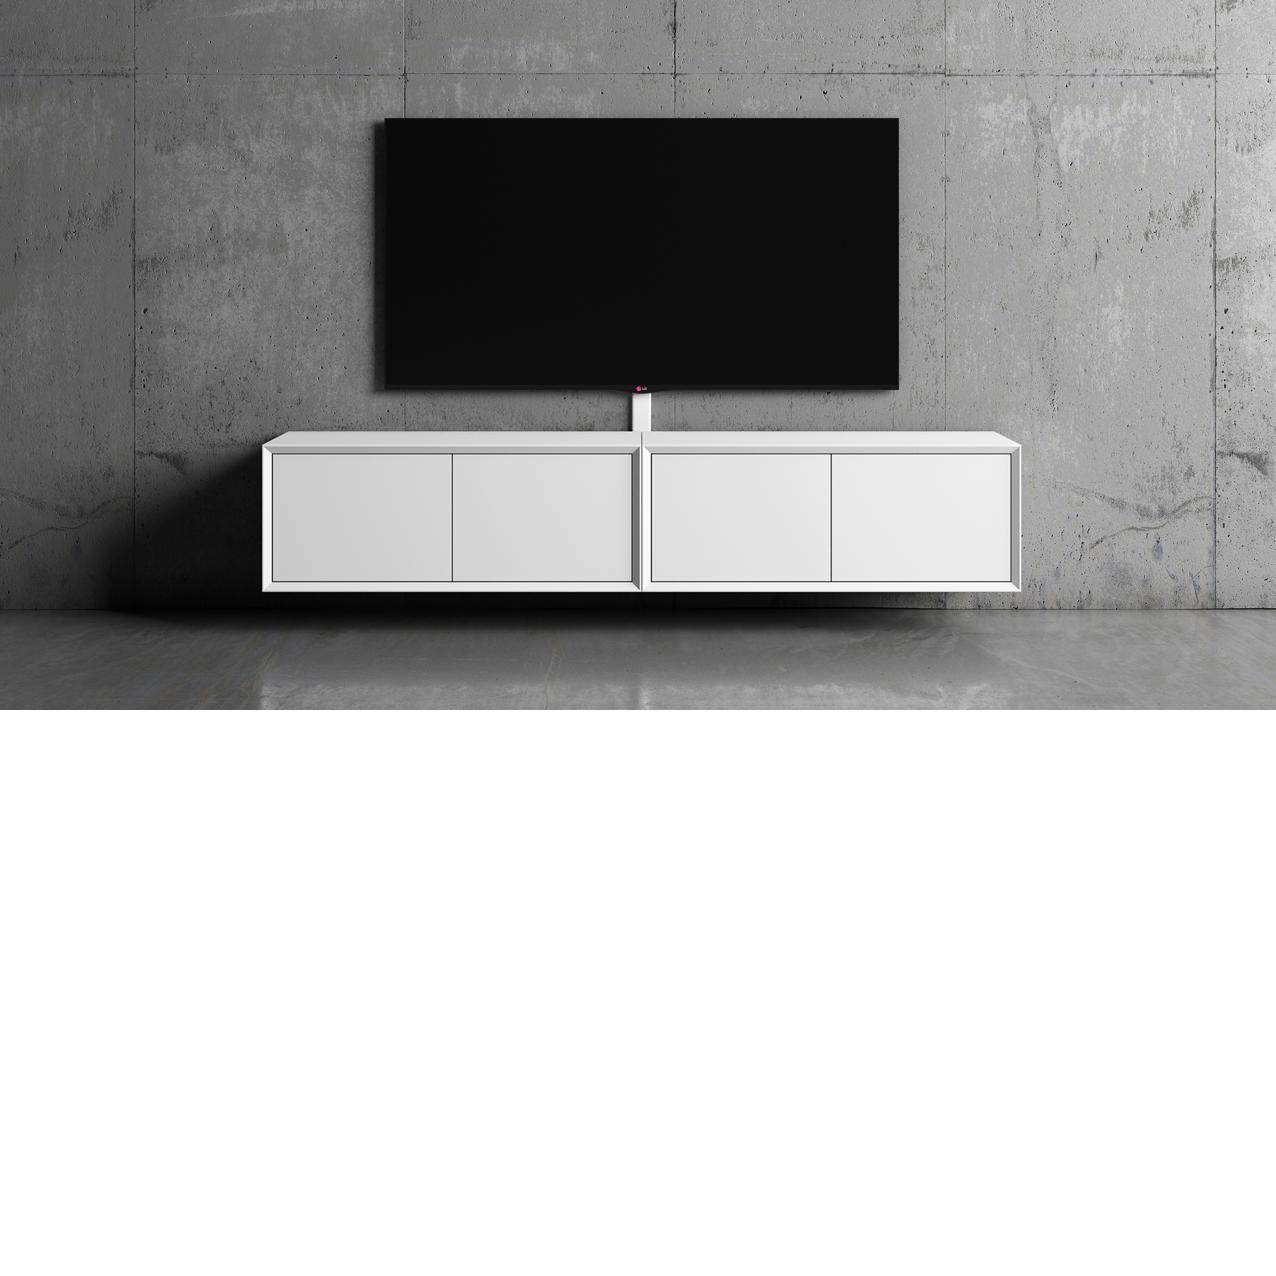 Tv möbler, Tv-bänk New Air 103 cm vit/vit mdf vägghängd.